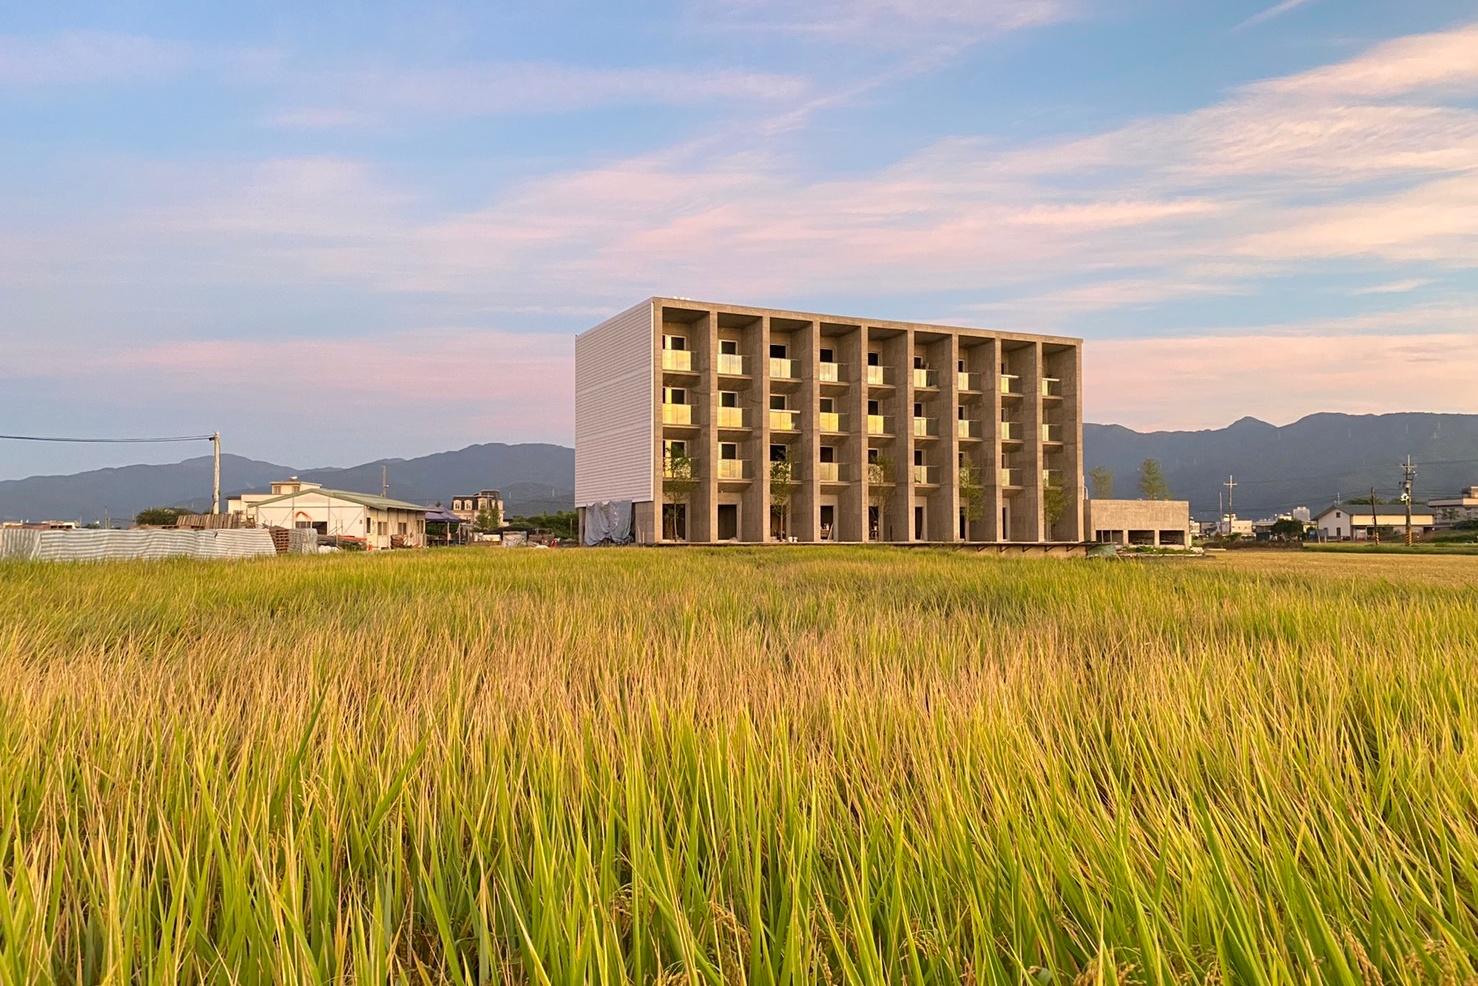 德築-DEZU-project-Zutian-architecture-real-estate-sunrise-8